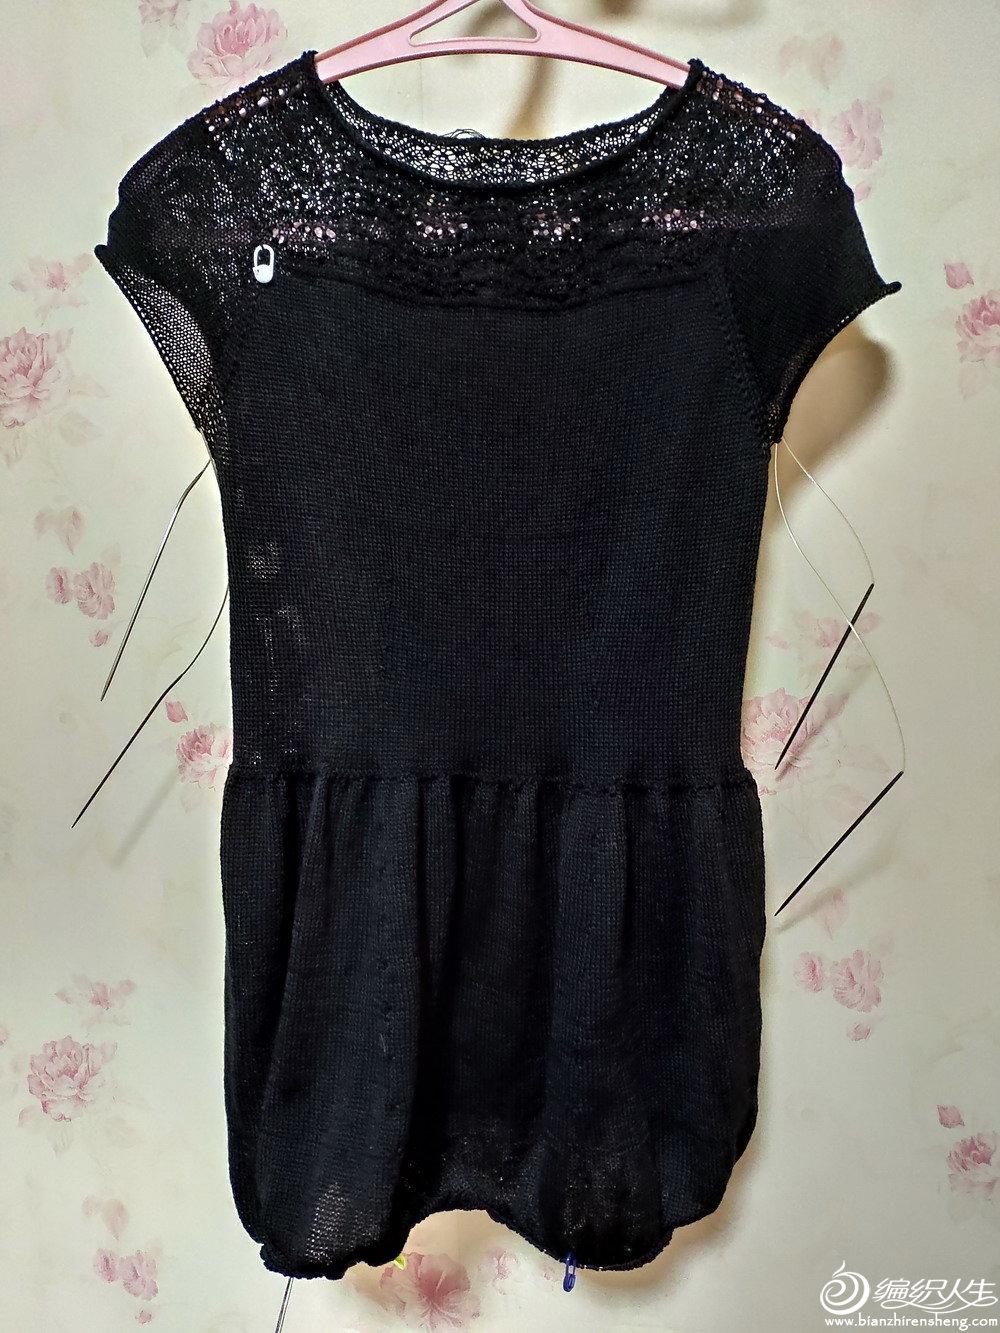 小黑裙11.jpg